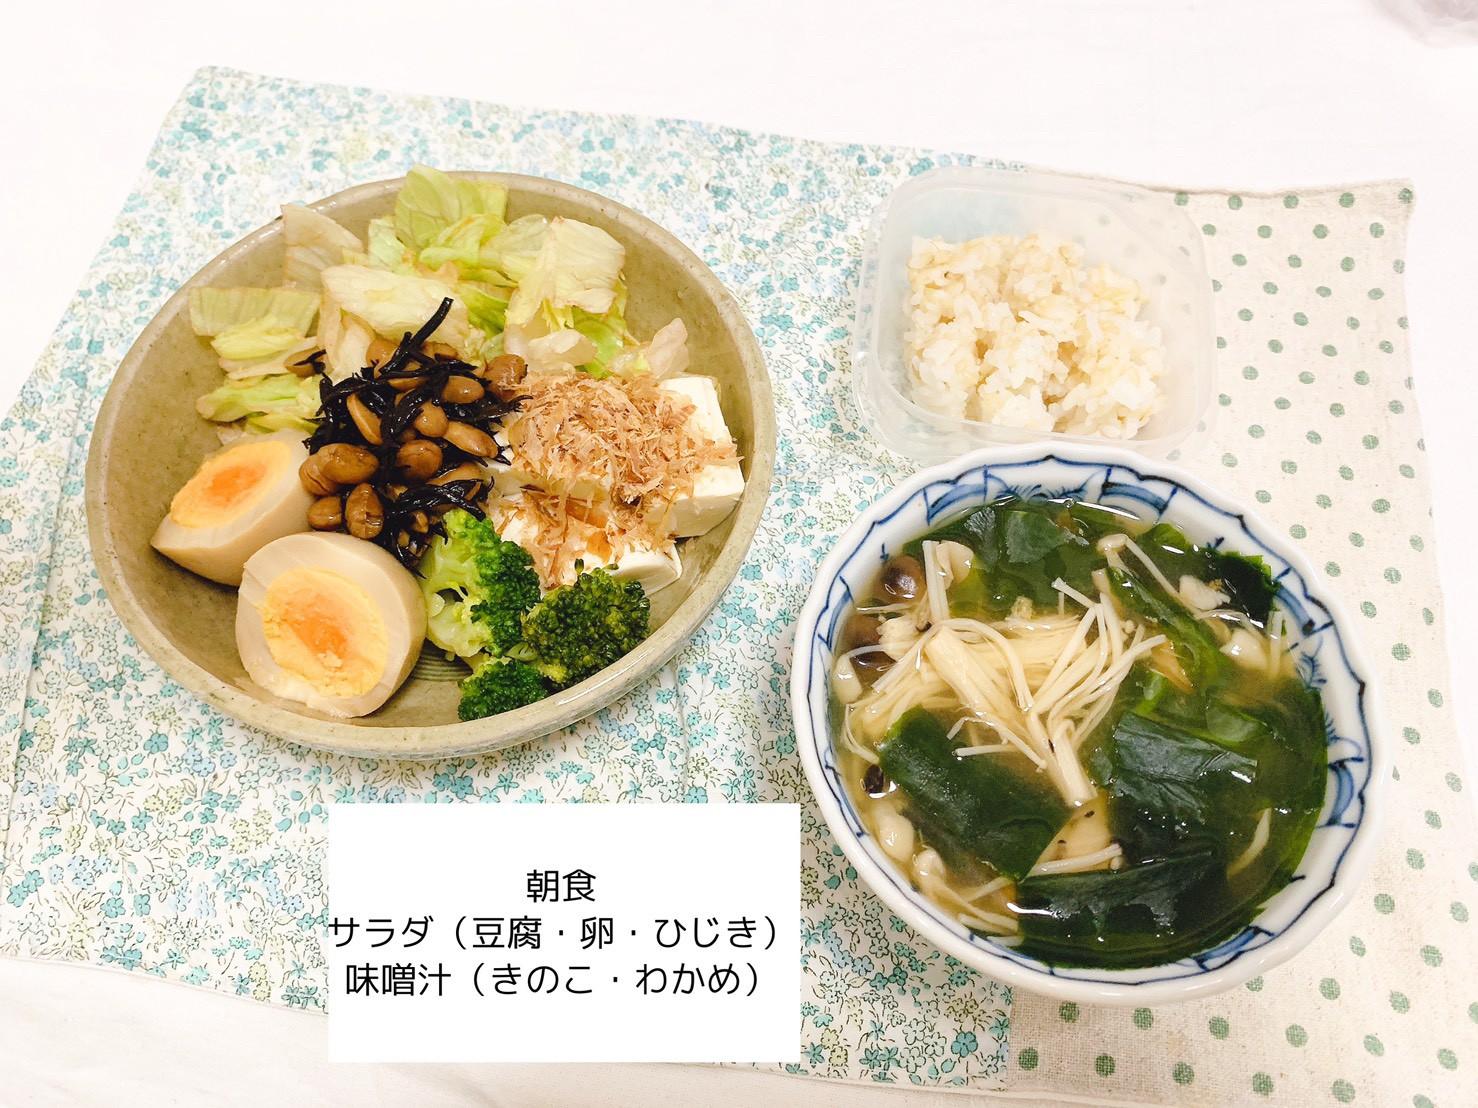 ダイエットボディメイク朝食例(豆腐・卵・ひじきのサラダ、 きのこ・わかめの味噌汁、玄米)